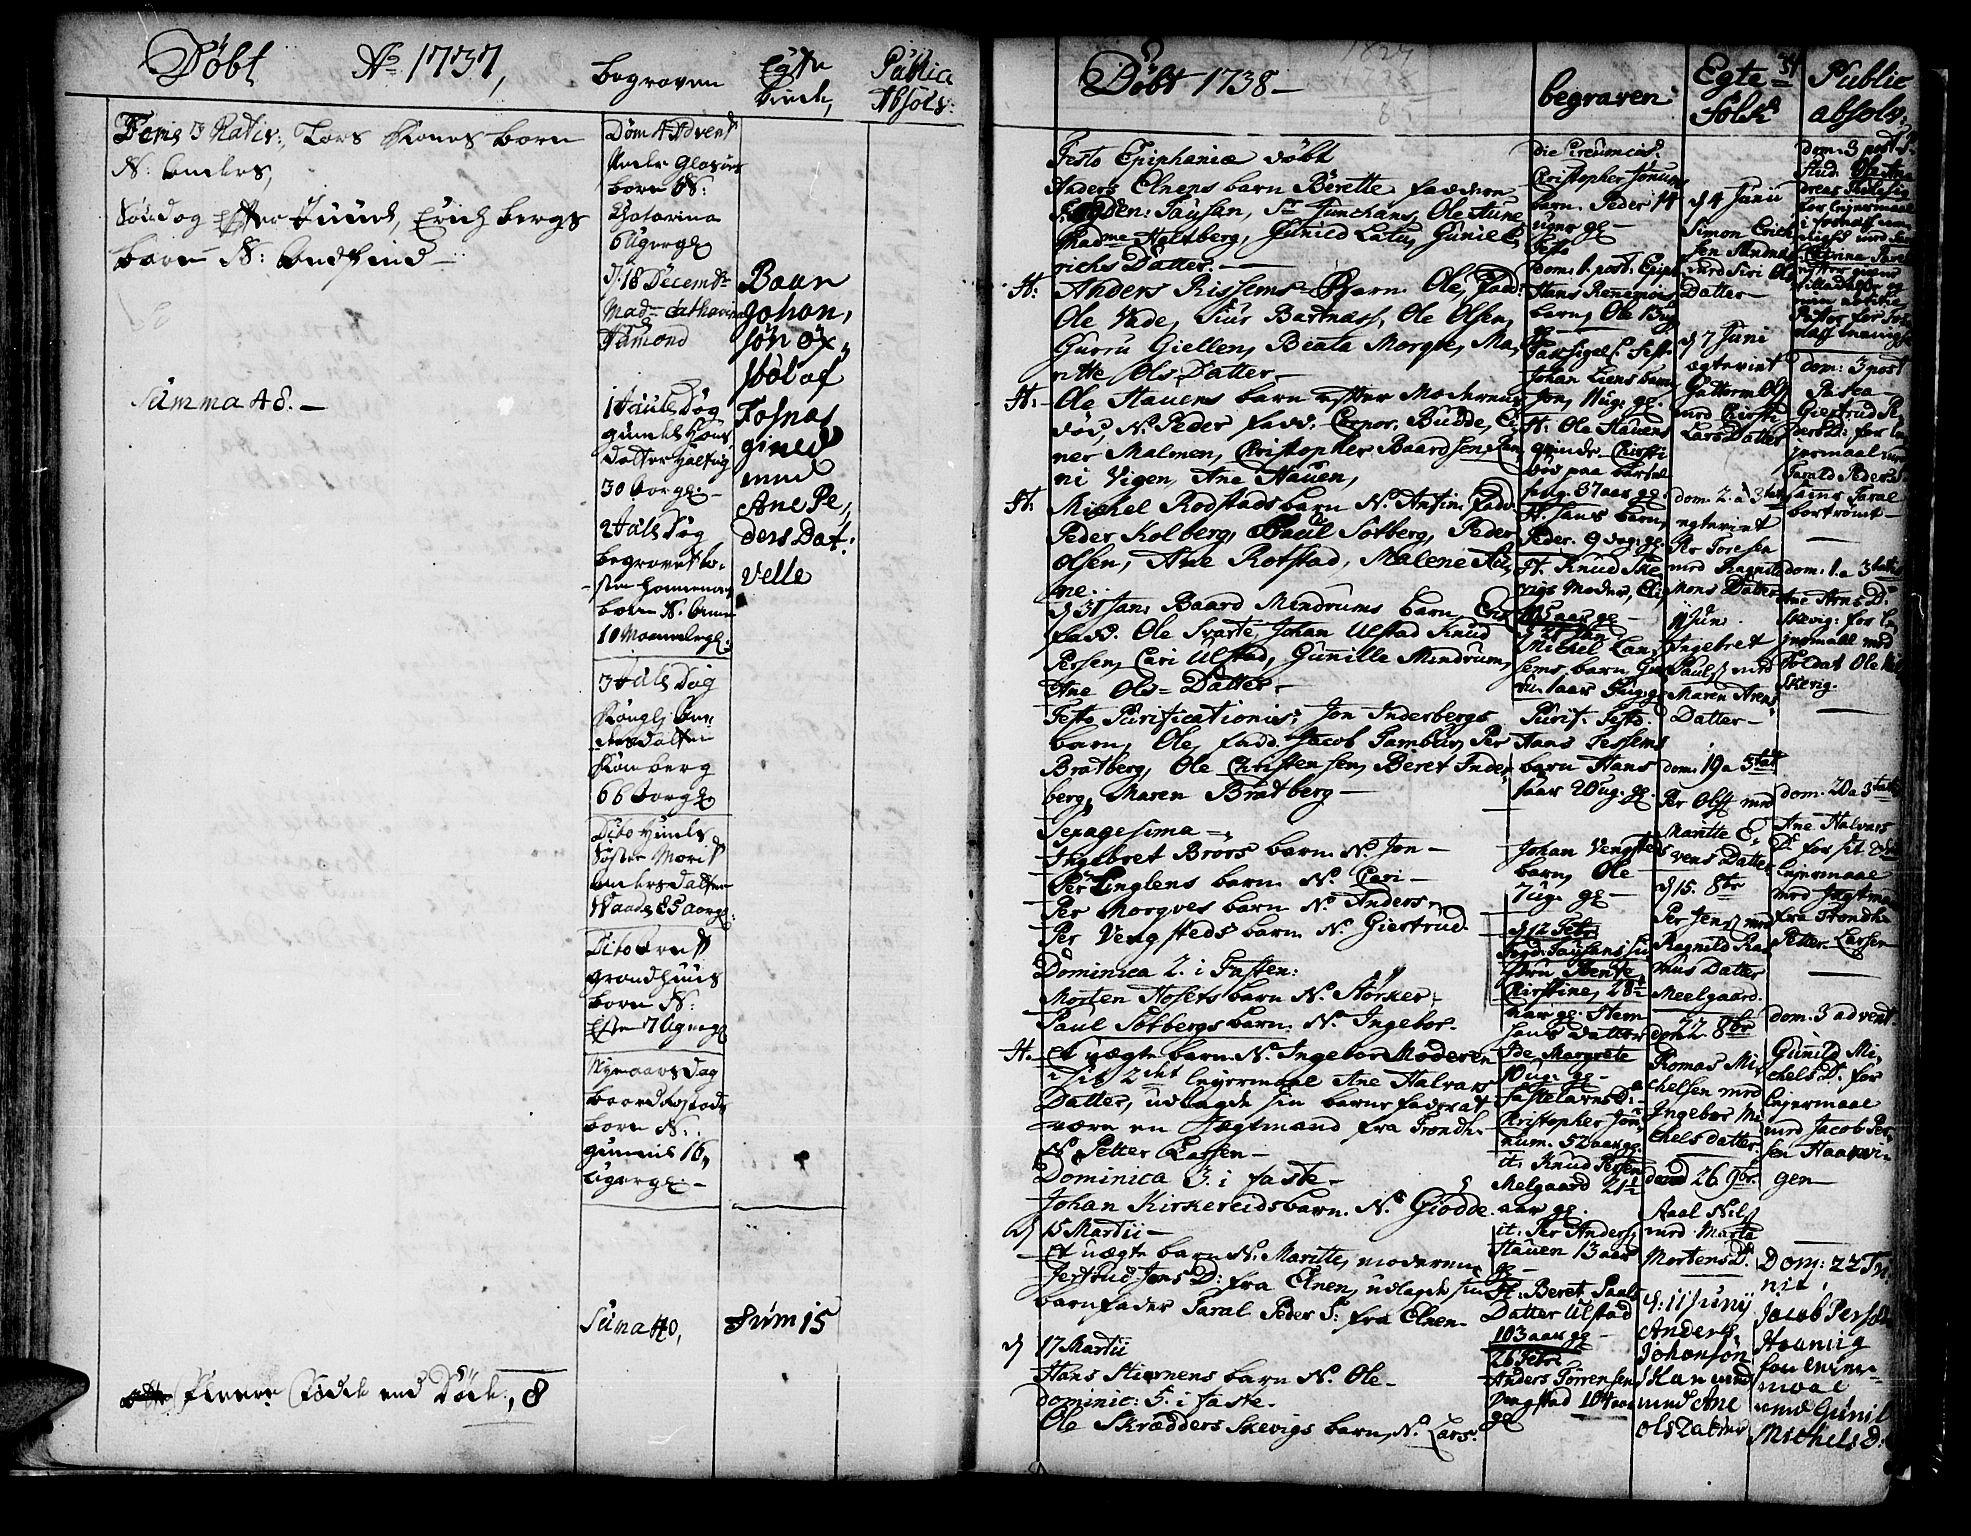 SAT, Ministerialprotokoller, klokkerbøker og fødselsregistre - Nord-Trøndelag, 741/L0385: Ministerialbok nr. 741A01, 1722-1815, s. 34